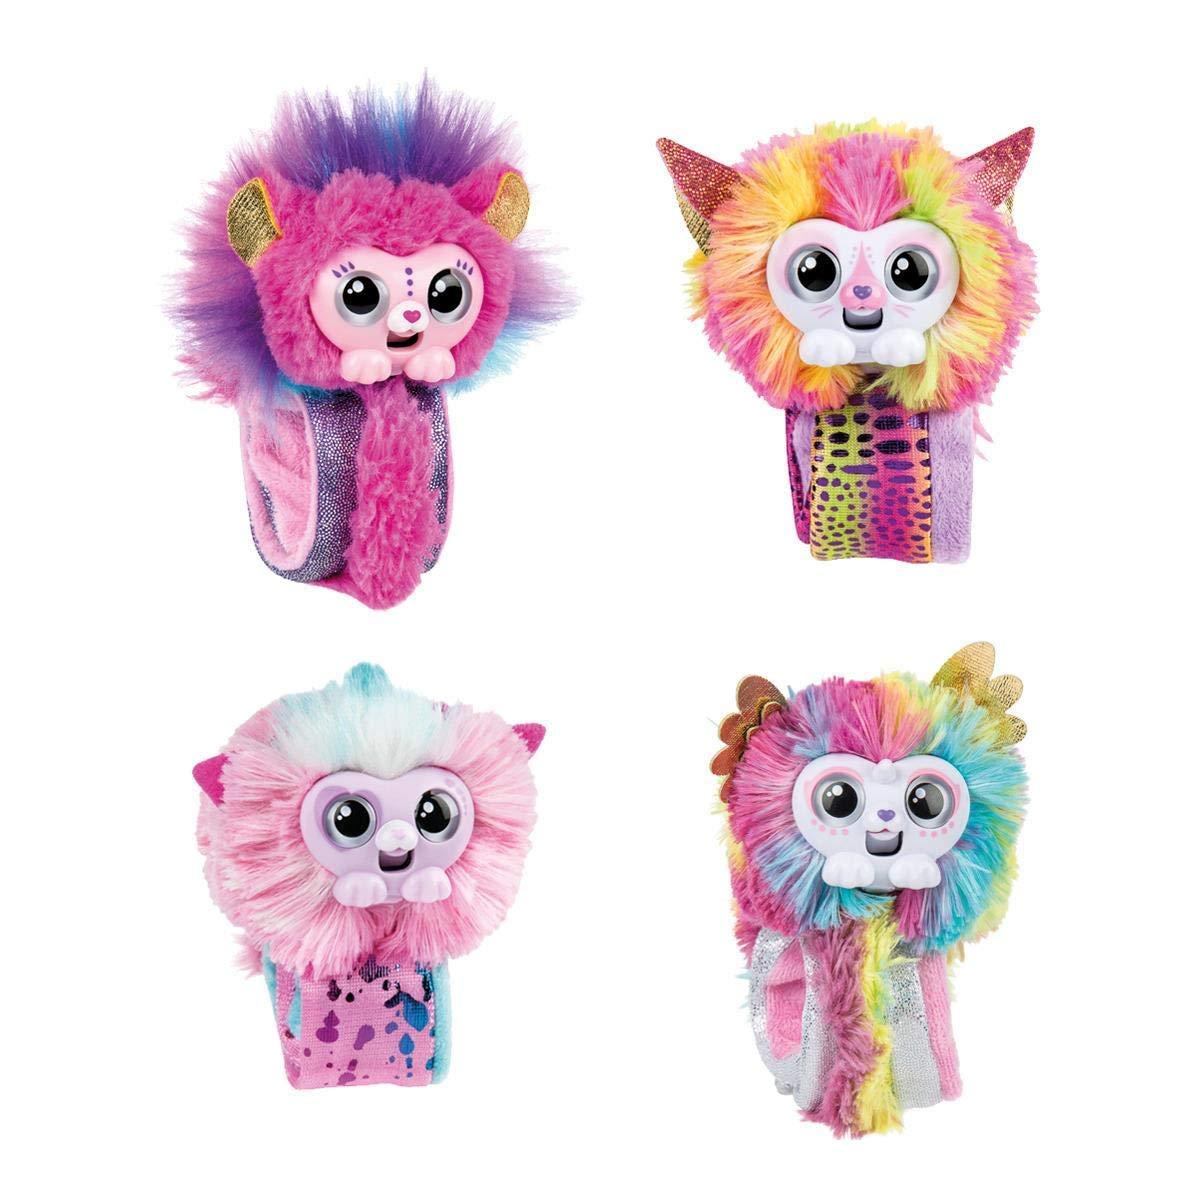 Famosa- Little Live Pets Wrapples Fashion Wraps con emociones interactuan Entre Ellos Mod 700015404 Multicolor sdos